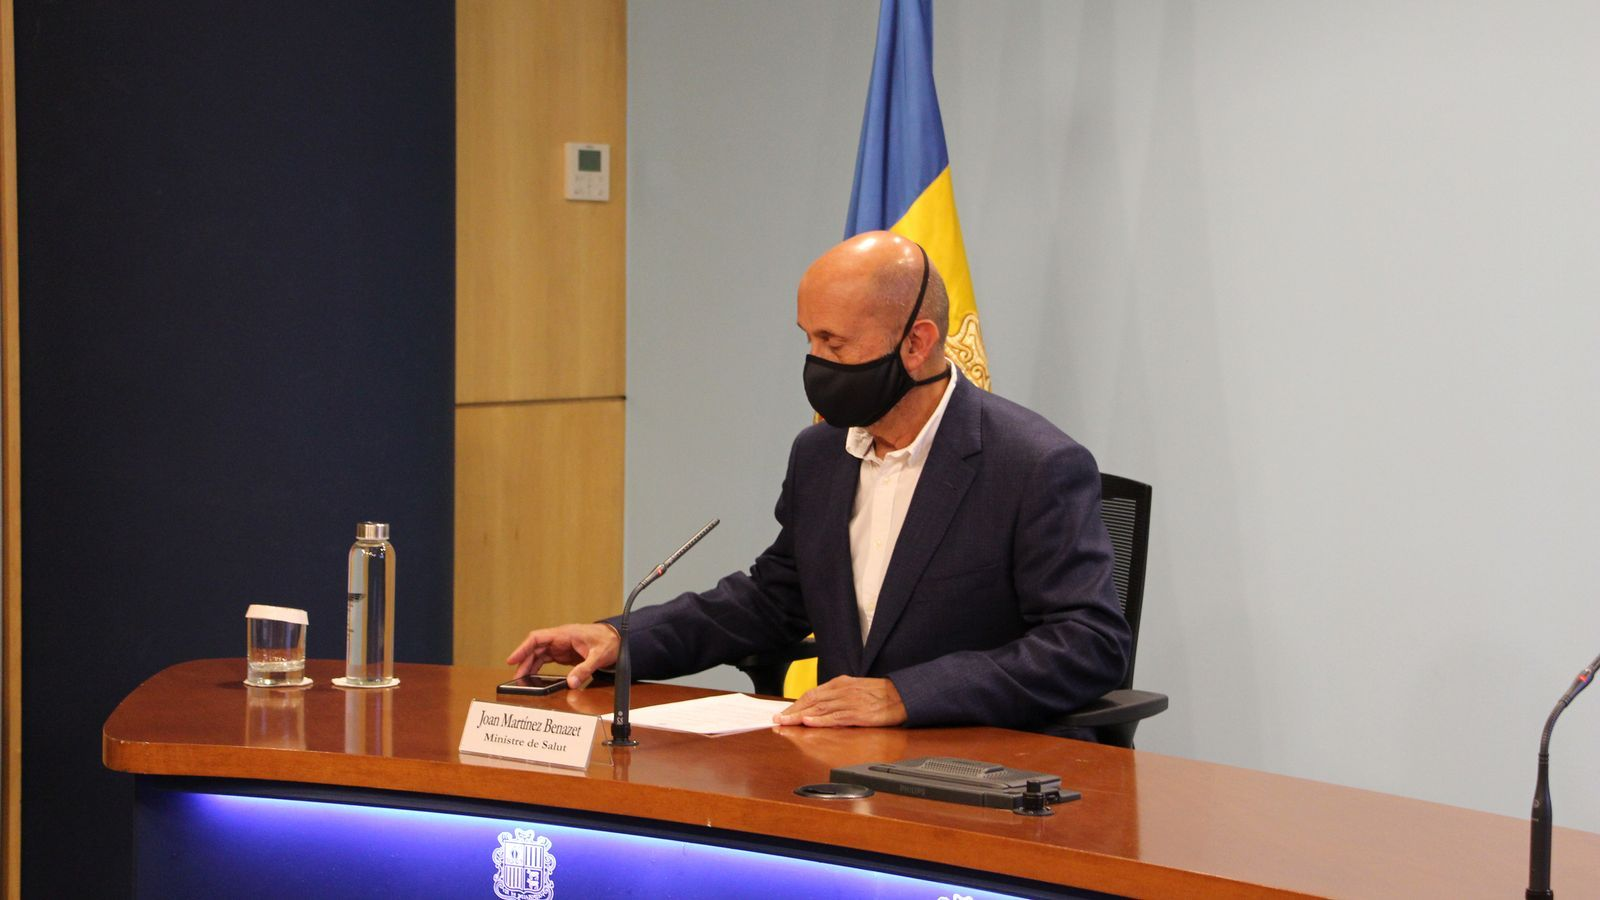 El ministre de Salut, Joan Martínez Benazet, durant la roda de premsa / AS